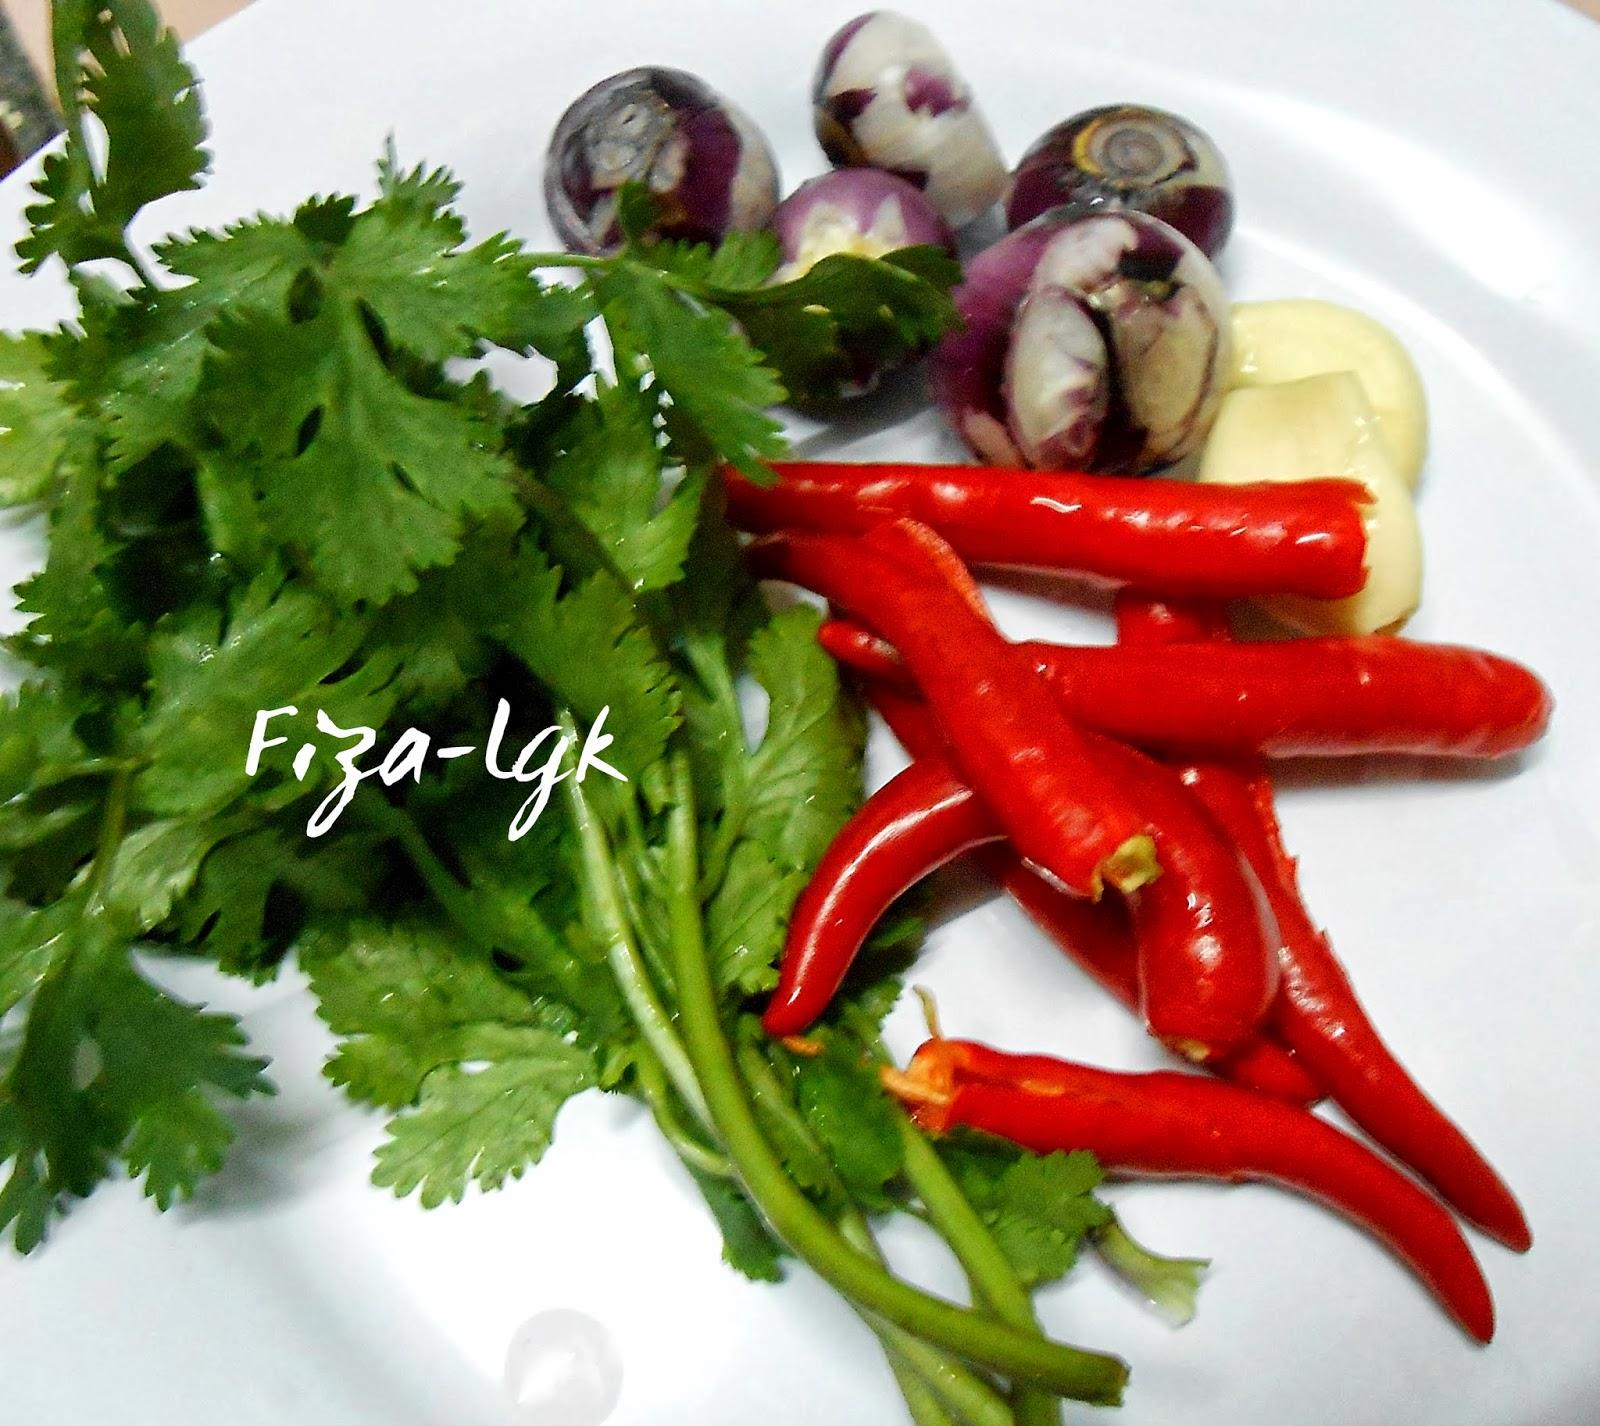 Manfaat Asam Jawa untuk Diet dan Kesehatan